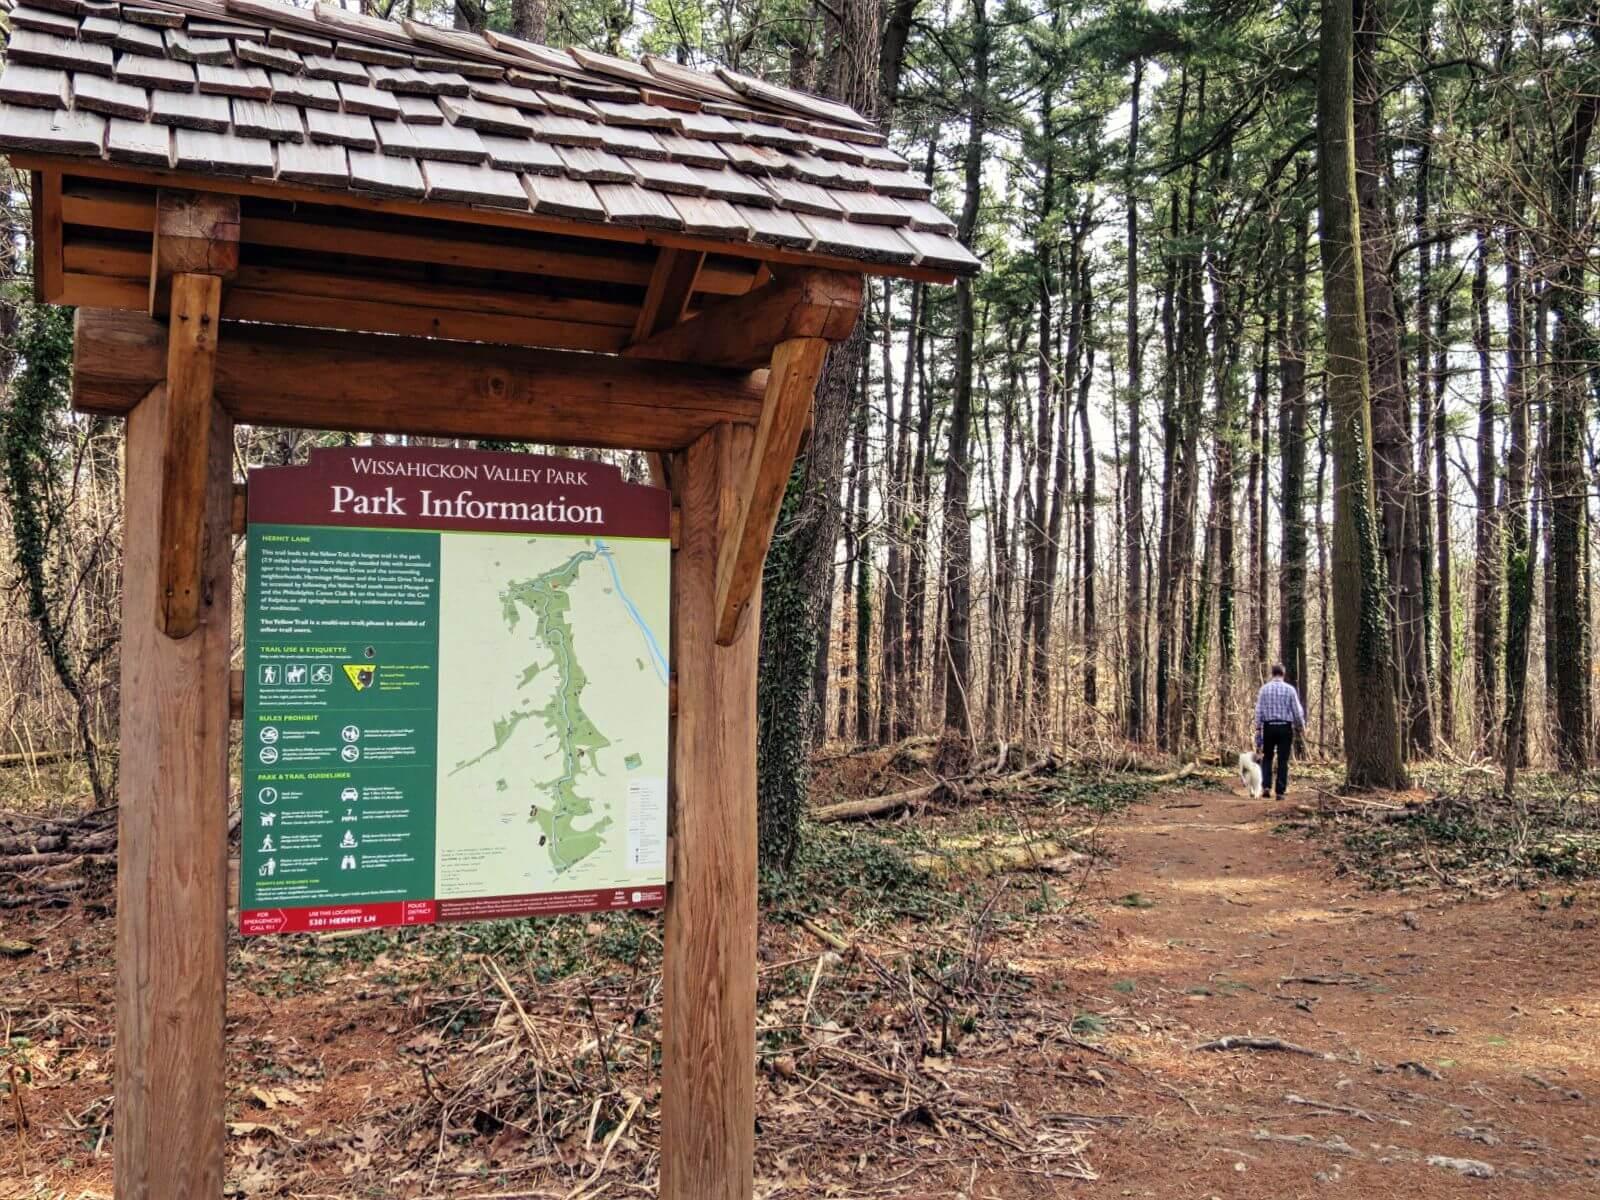 EastFallsLocal 3-8 henry ave hermit lane sign steve ducky wood trail 2